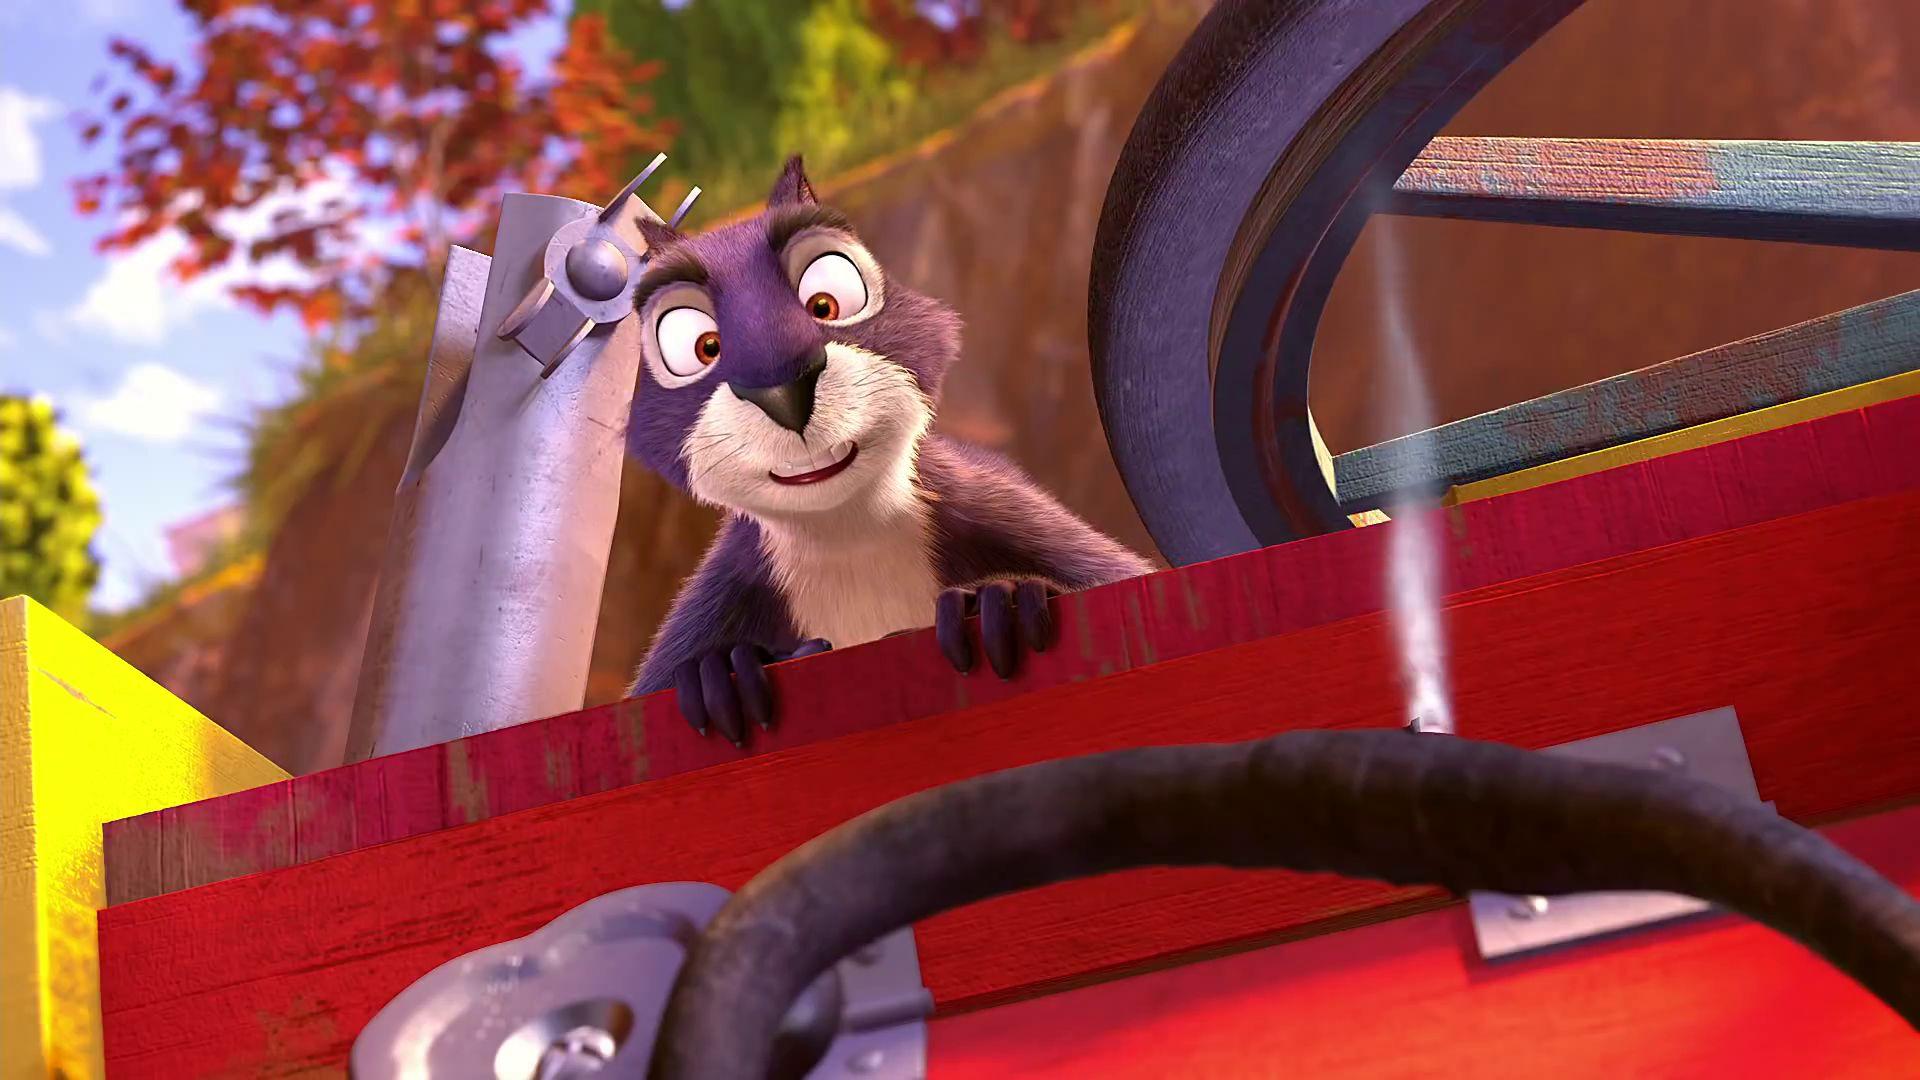 The Nut Job Movie Wallpaper The Nut Job Full HD Wa...